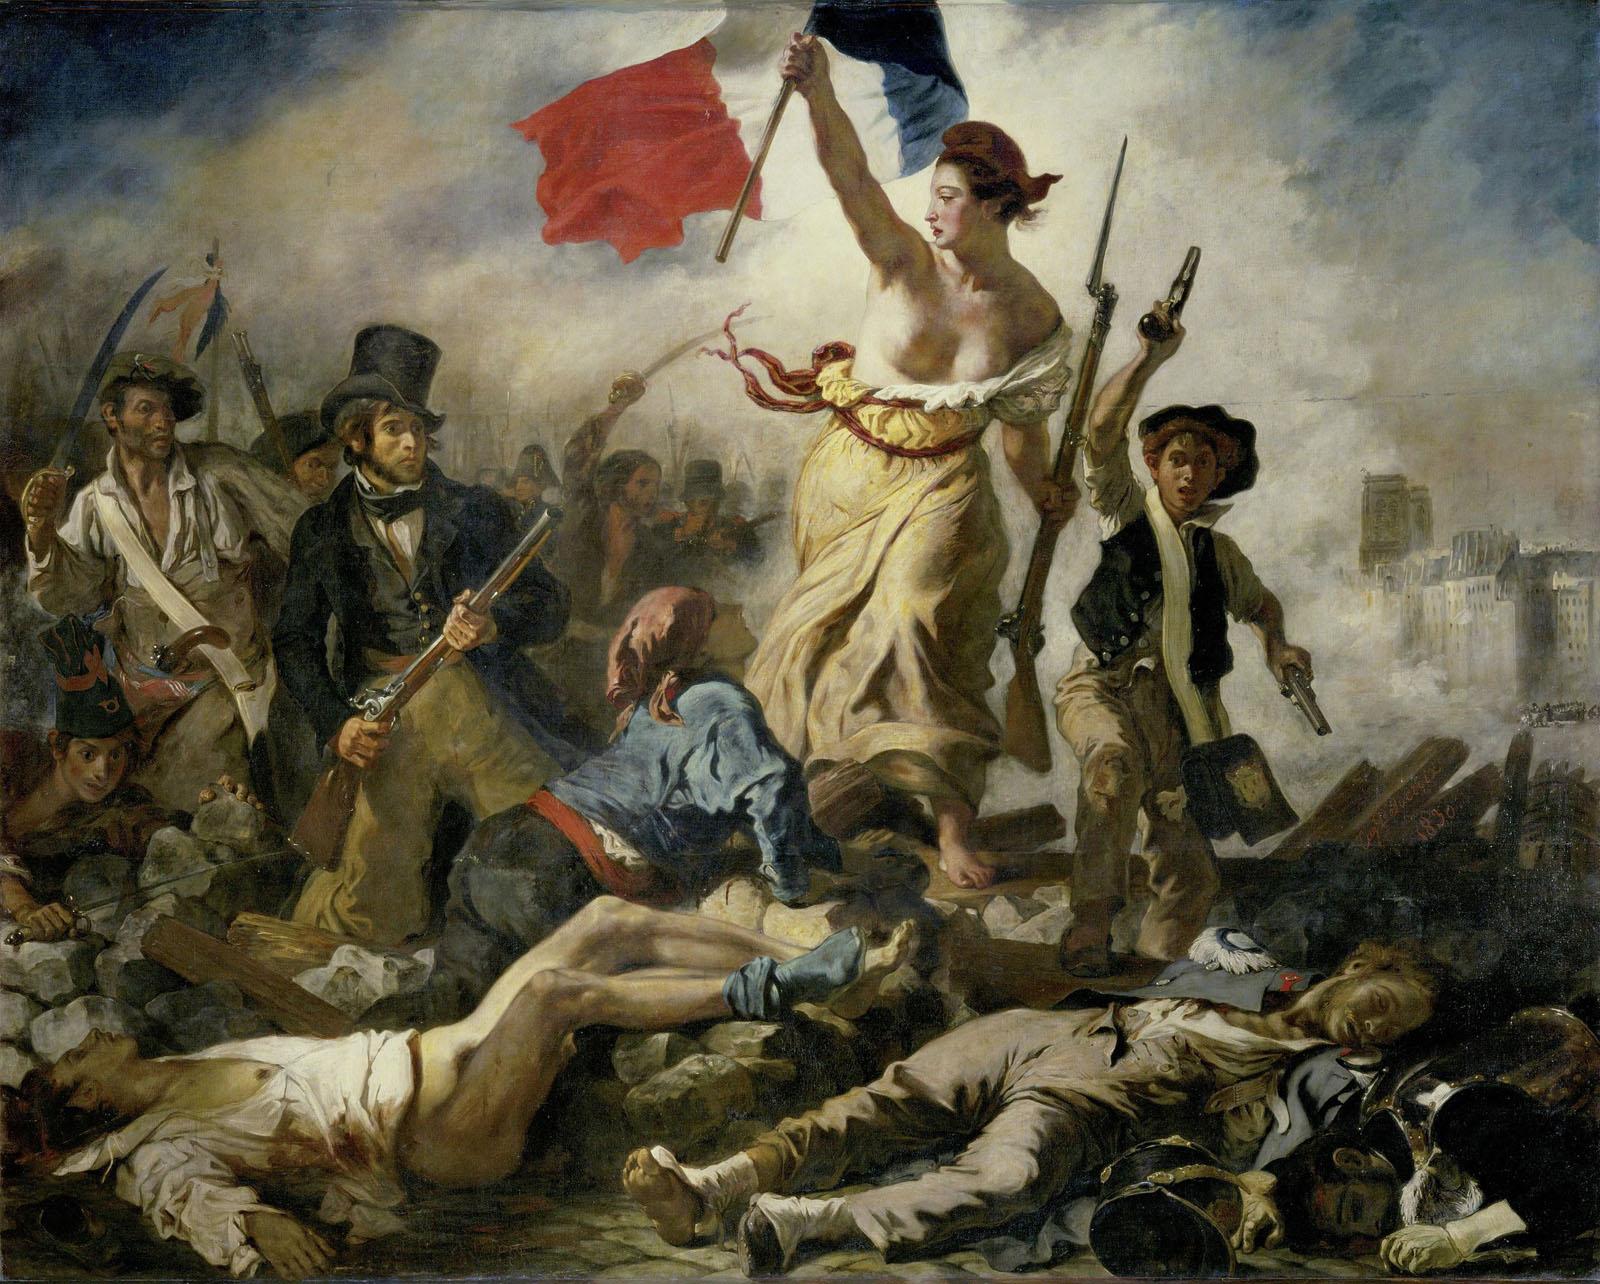 quadri_romanticismo_-_La_libert_C3_A0_che_guida_il_popolo_di_Eugene_Delacroix_.jpg?1550224973